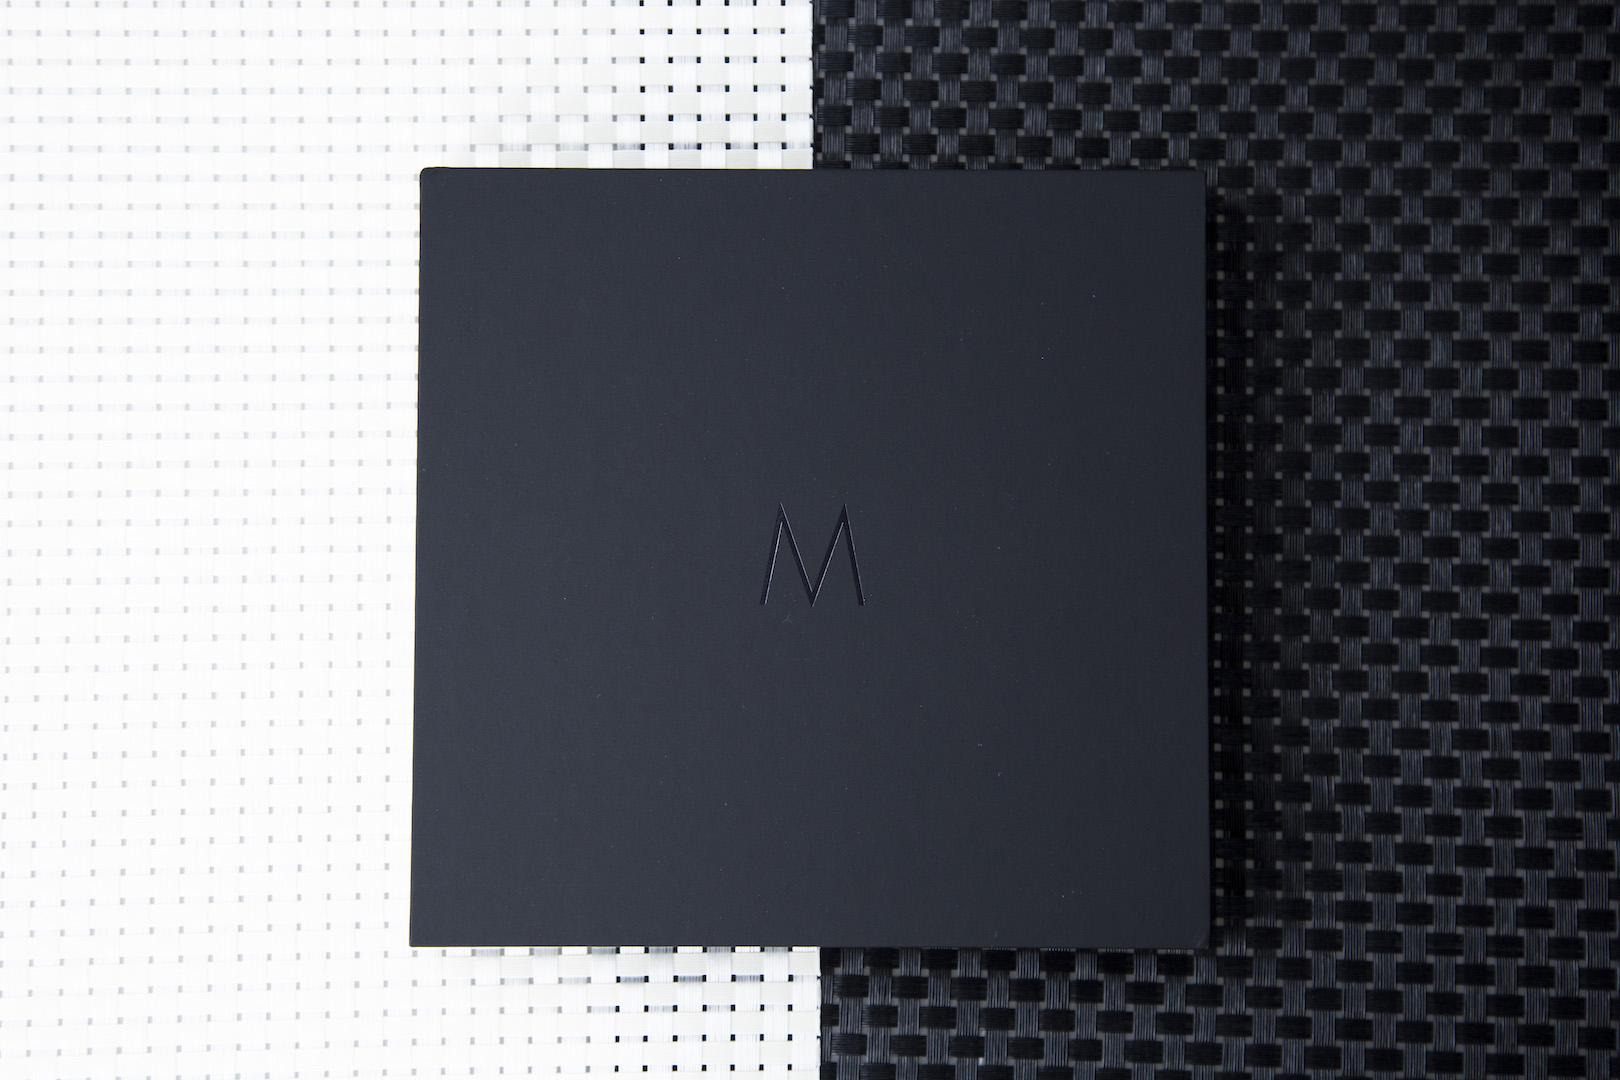 smartisan-m1l_0